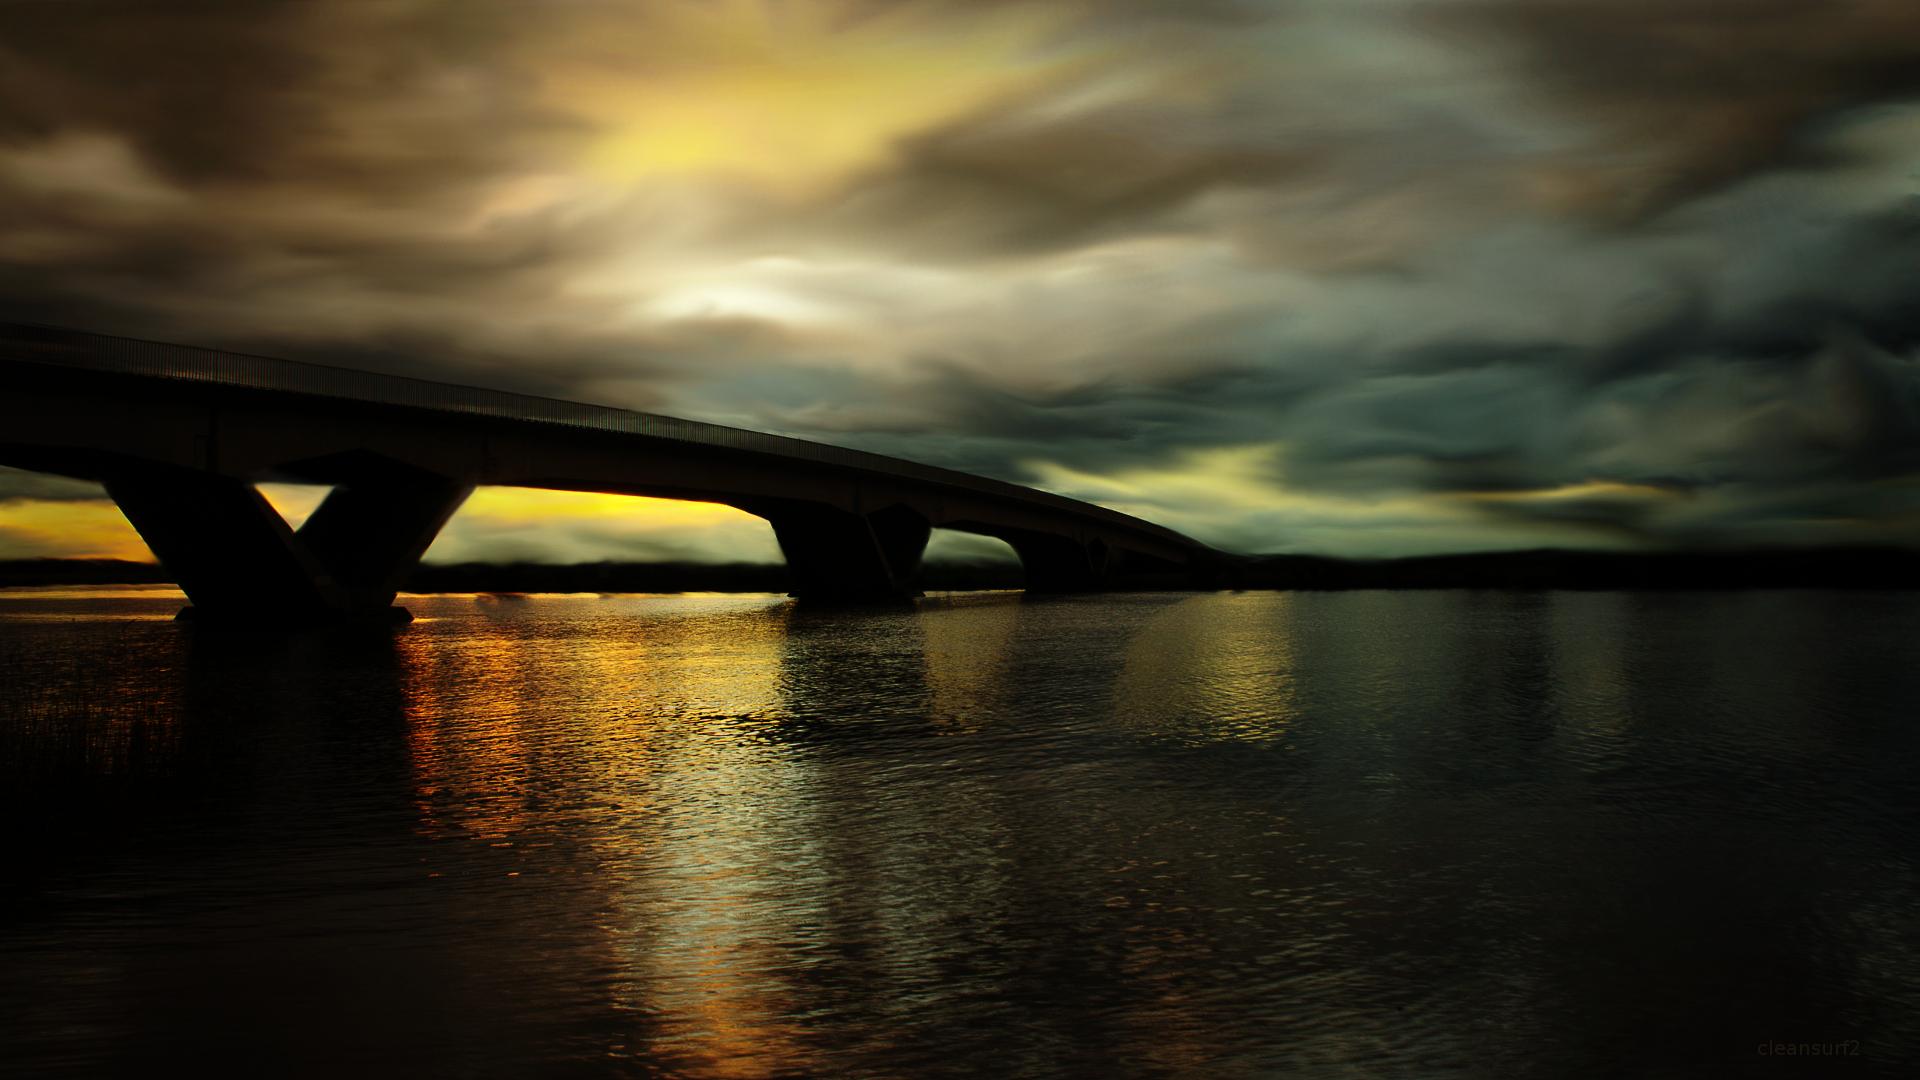 Masaüstü Köprü Gün Batımı Duvar Kağıdı Portakal Siyah Renk